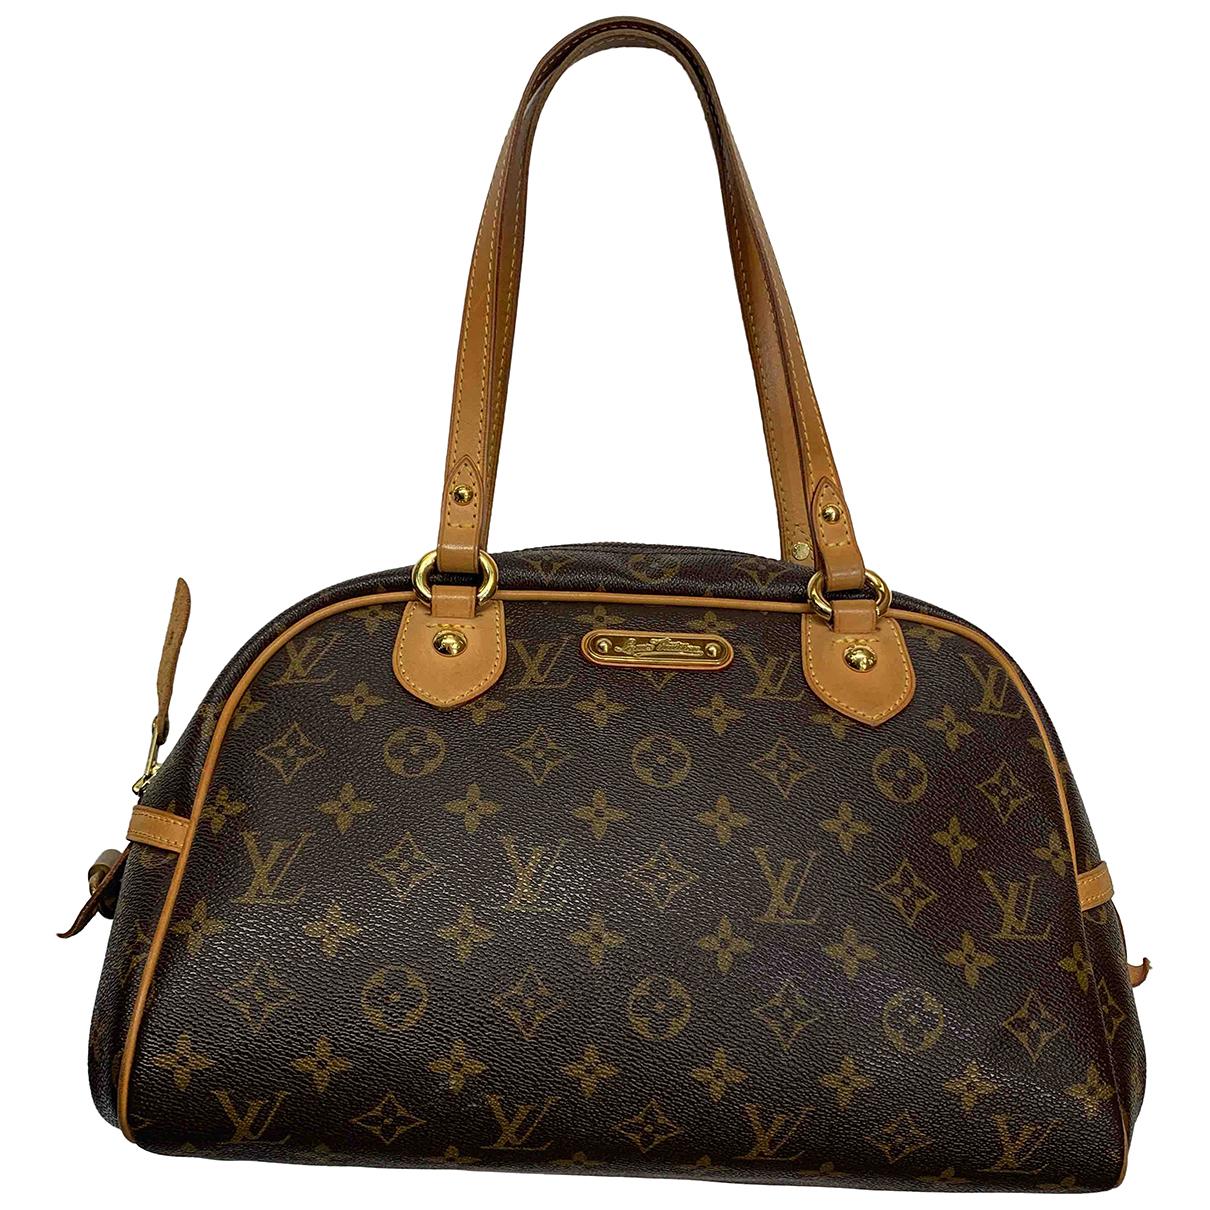 Louis Vuitton - Sac a main Montorgueil pour femme en toile - marron